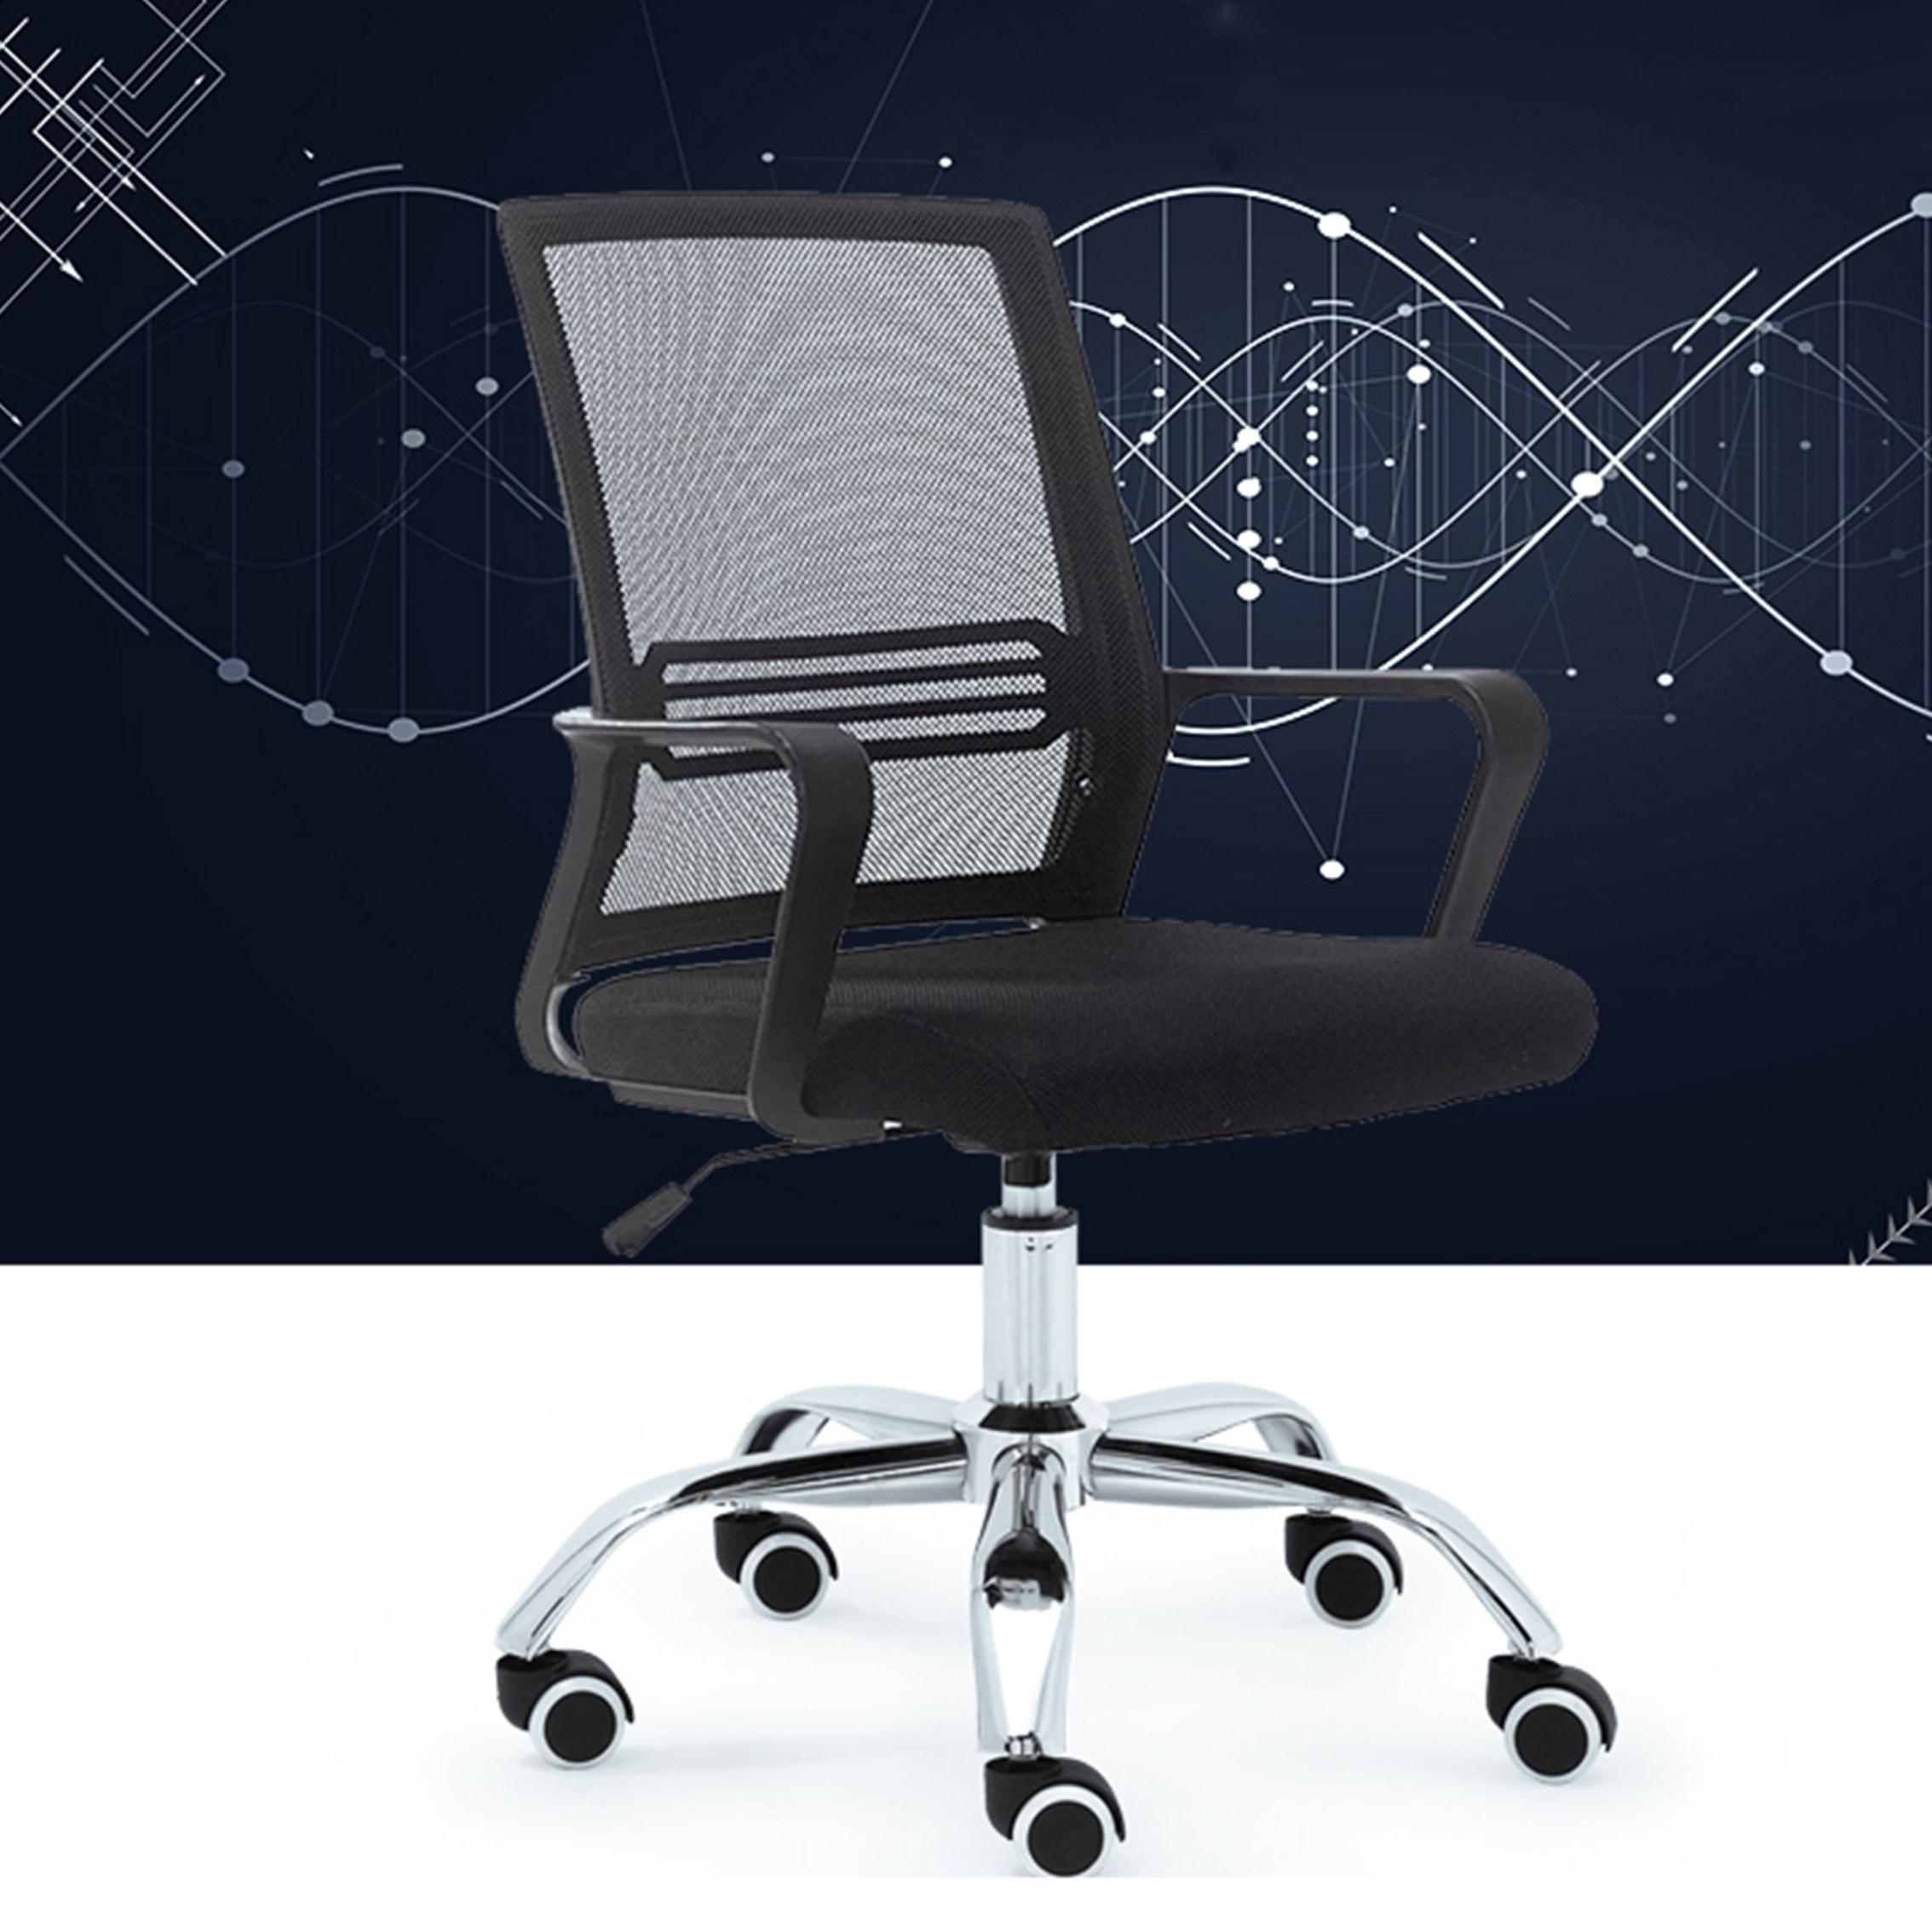 电脑椅子家用办公室旋转椅职员简约坐椅办工网布会议滑轮升降靠背